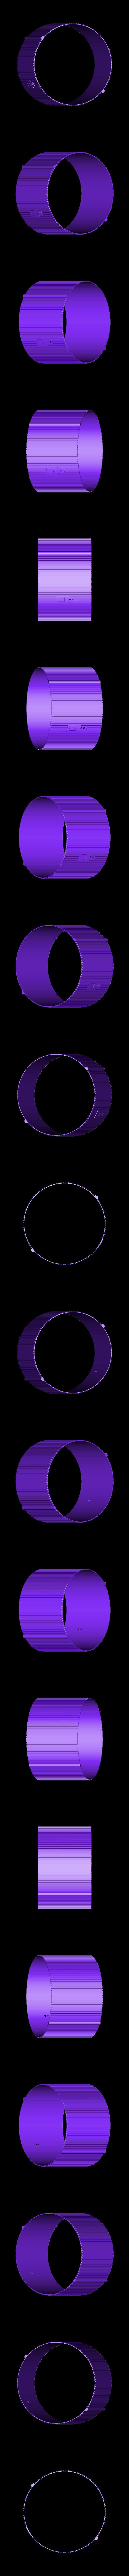 S5 04-W_01.stl Download STL file apollo 15 saturn 5 pack 1/4 stage S1C • Design to 3D print, theamphioxus